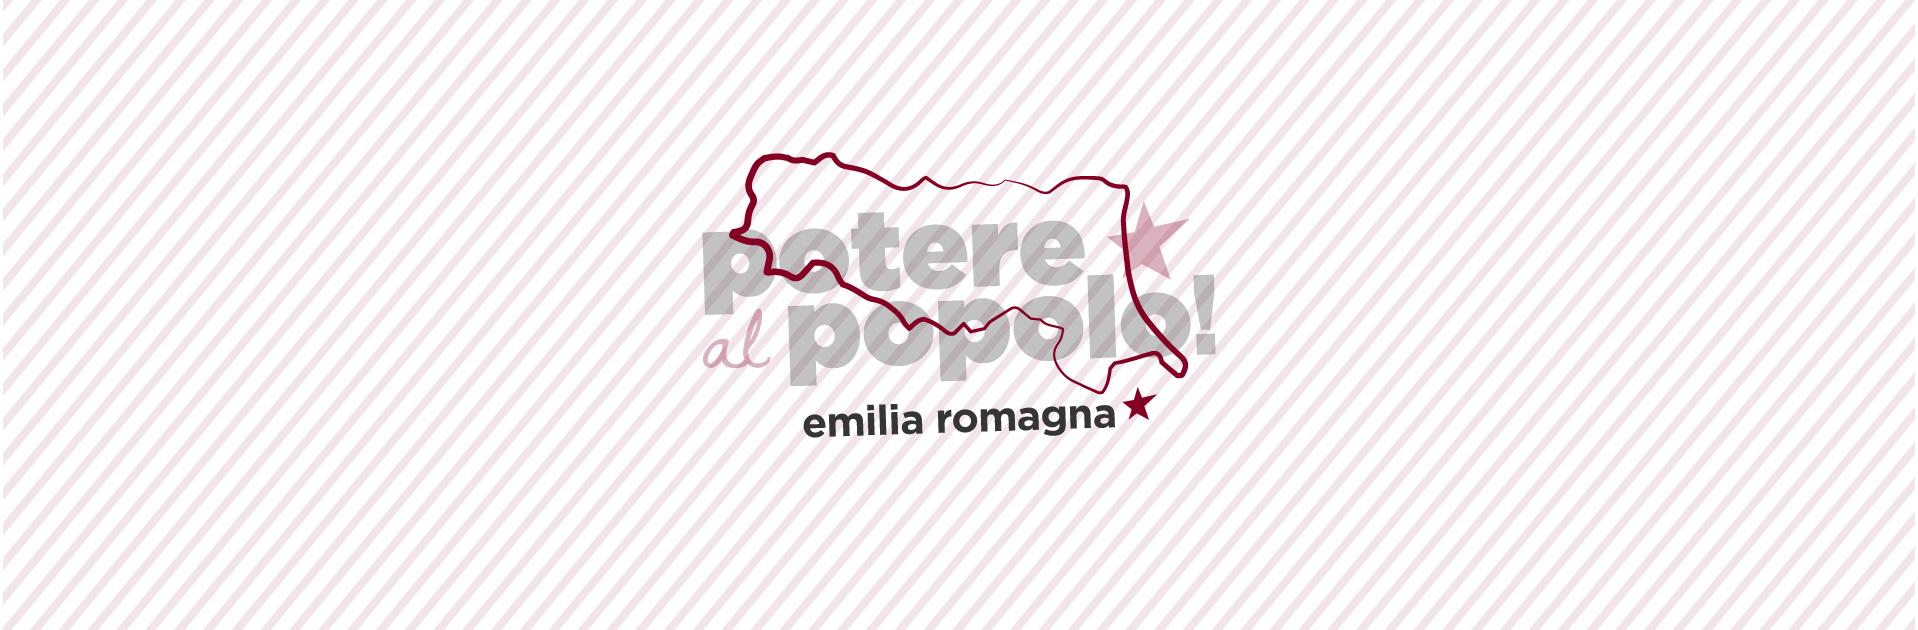 Emilia Romagna Potere al Popolo